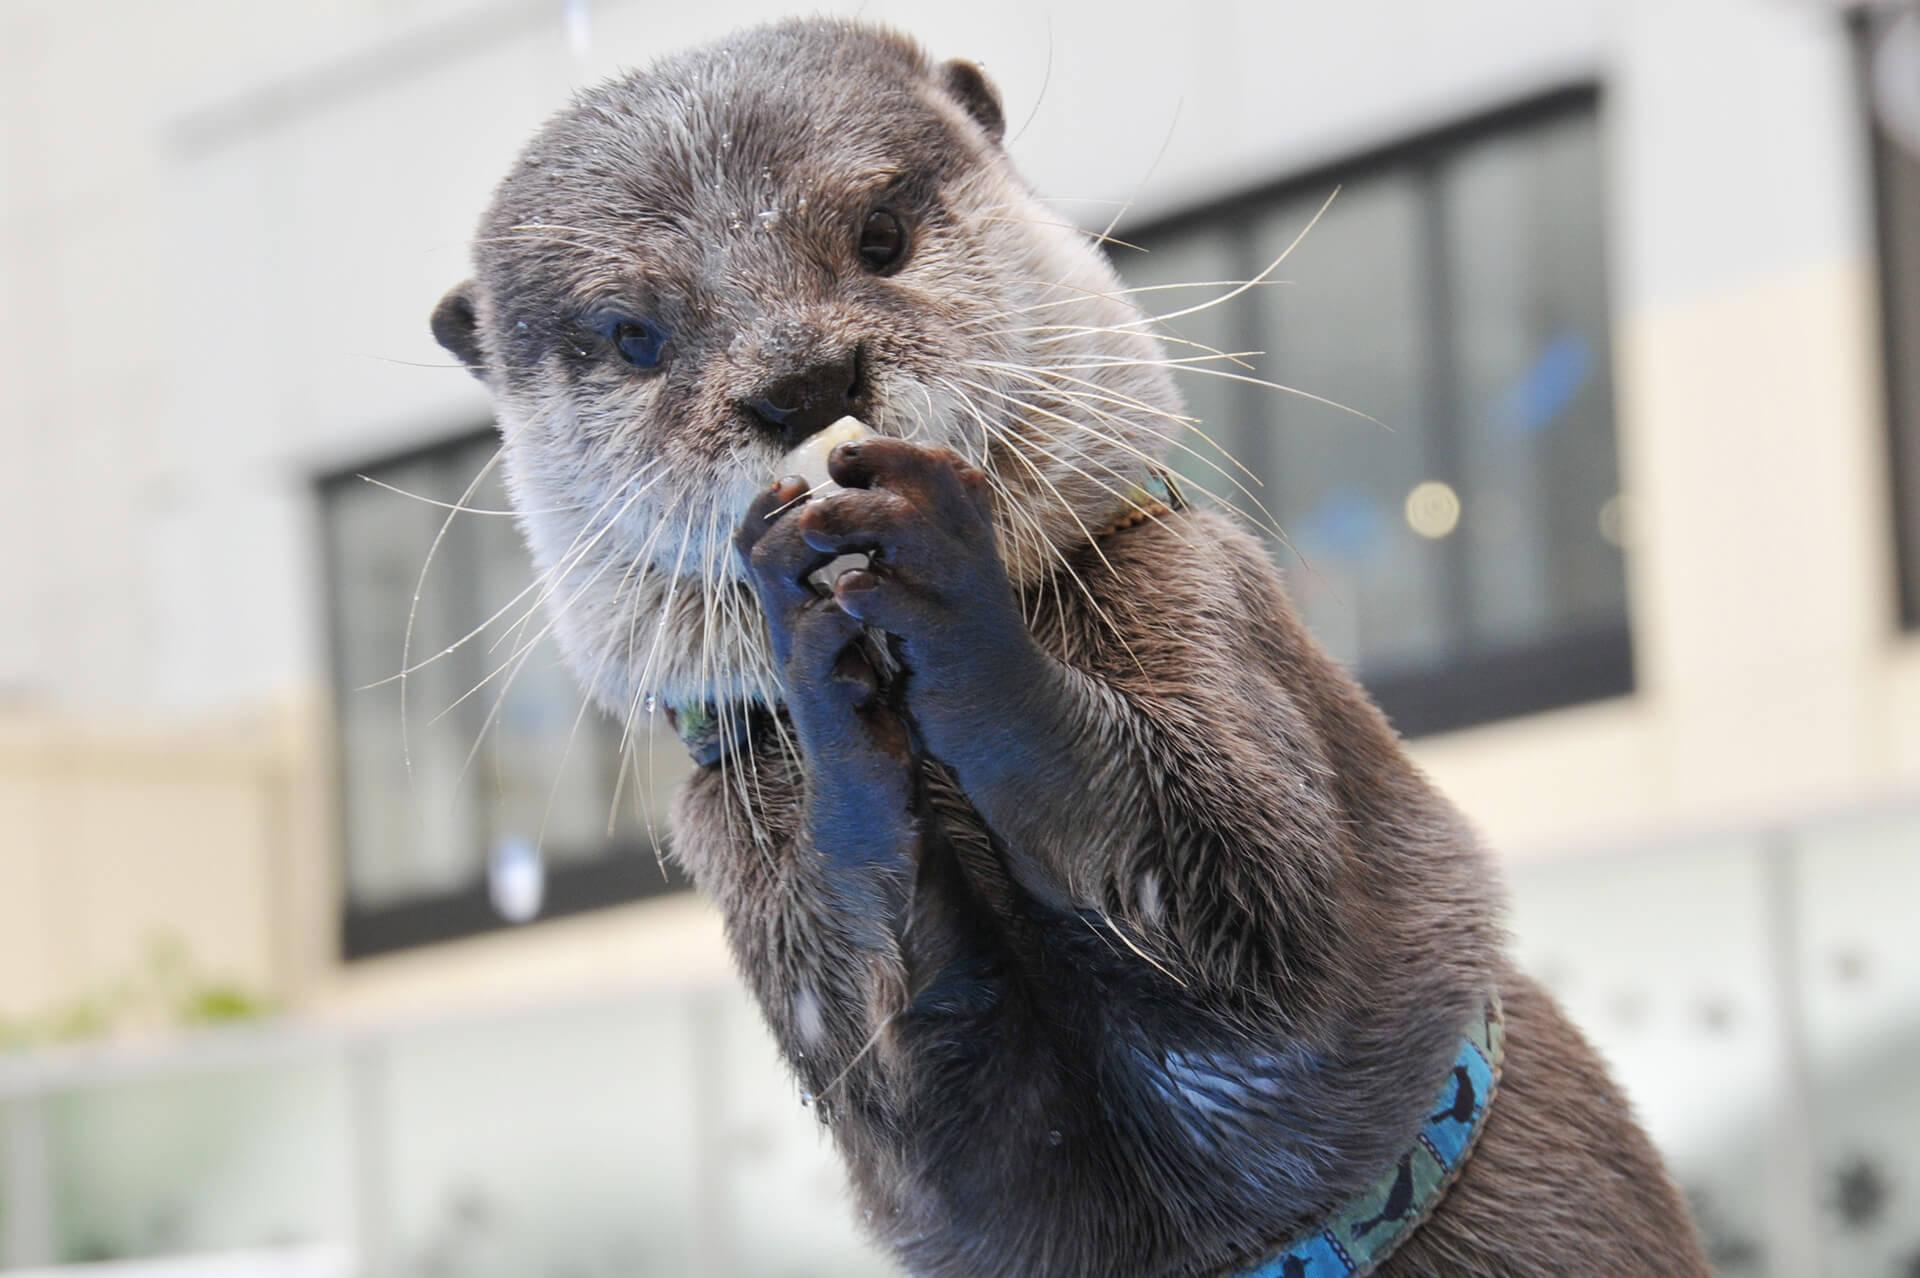 この写真はサンシャイン水族館 夏フェス2019のカワウソ・グリーティングタイムの様子、カワウソが氷を持っています